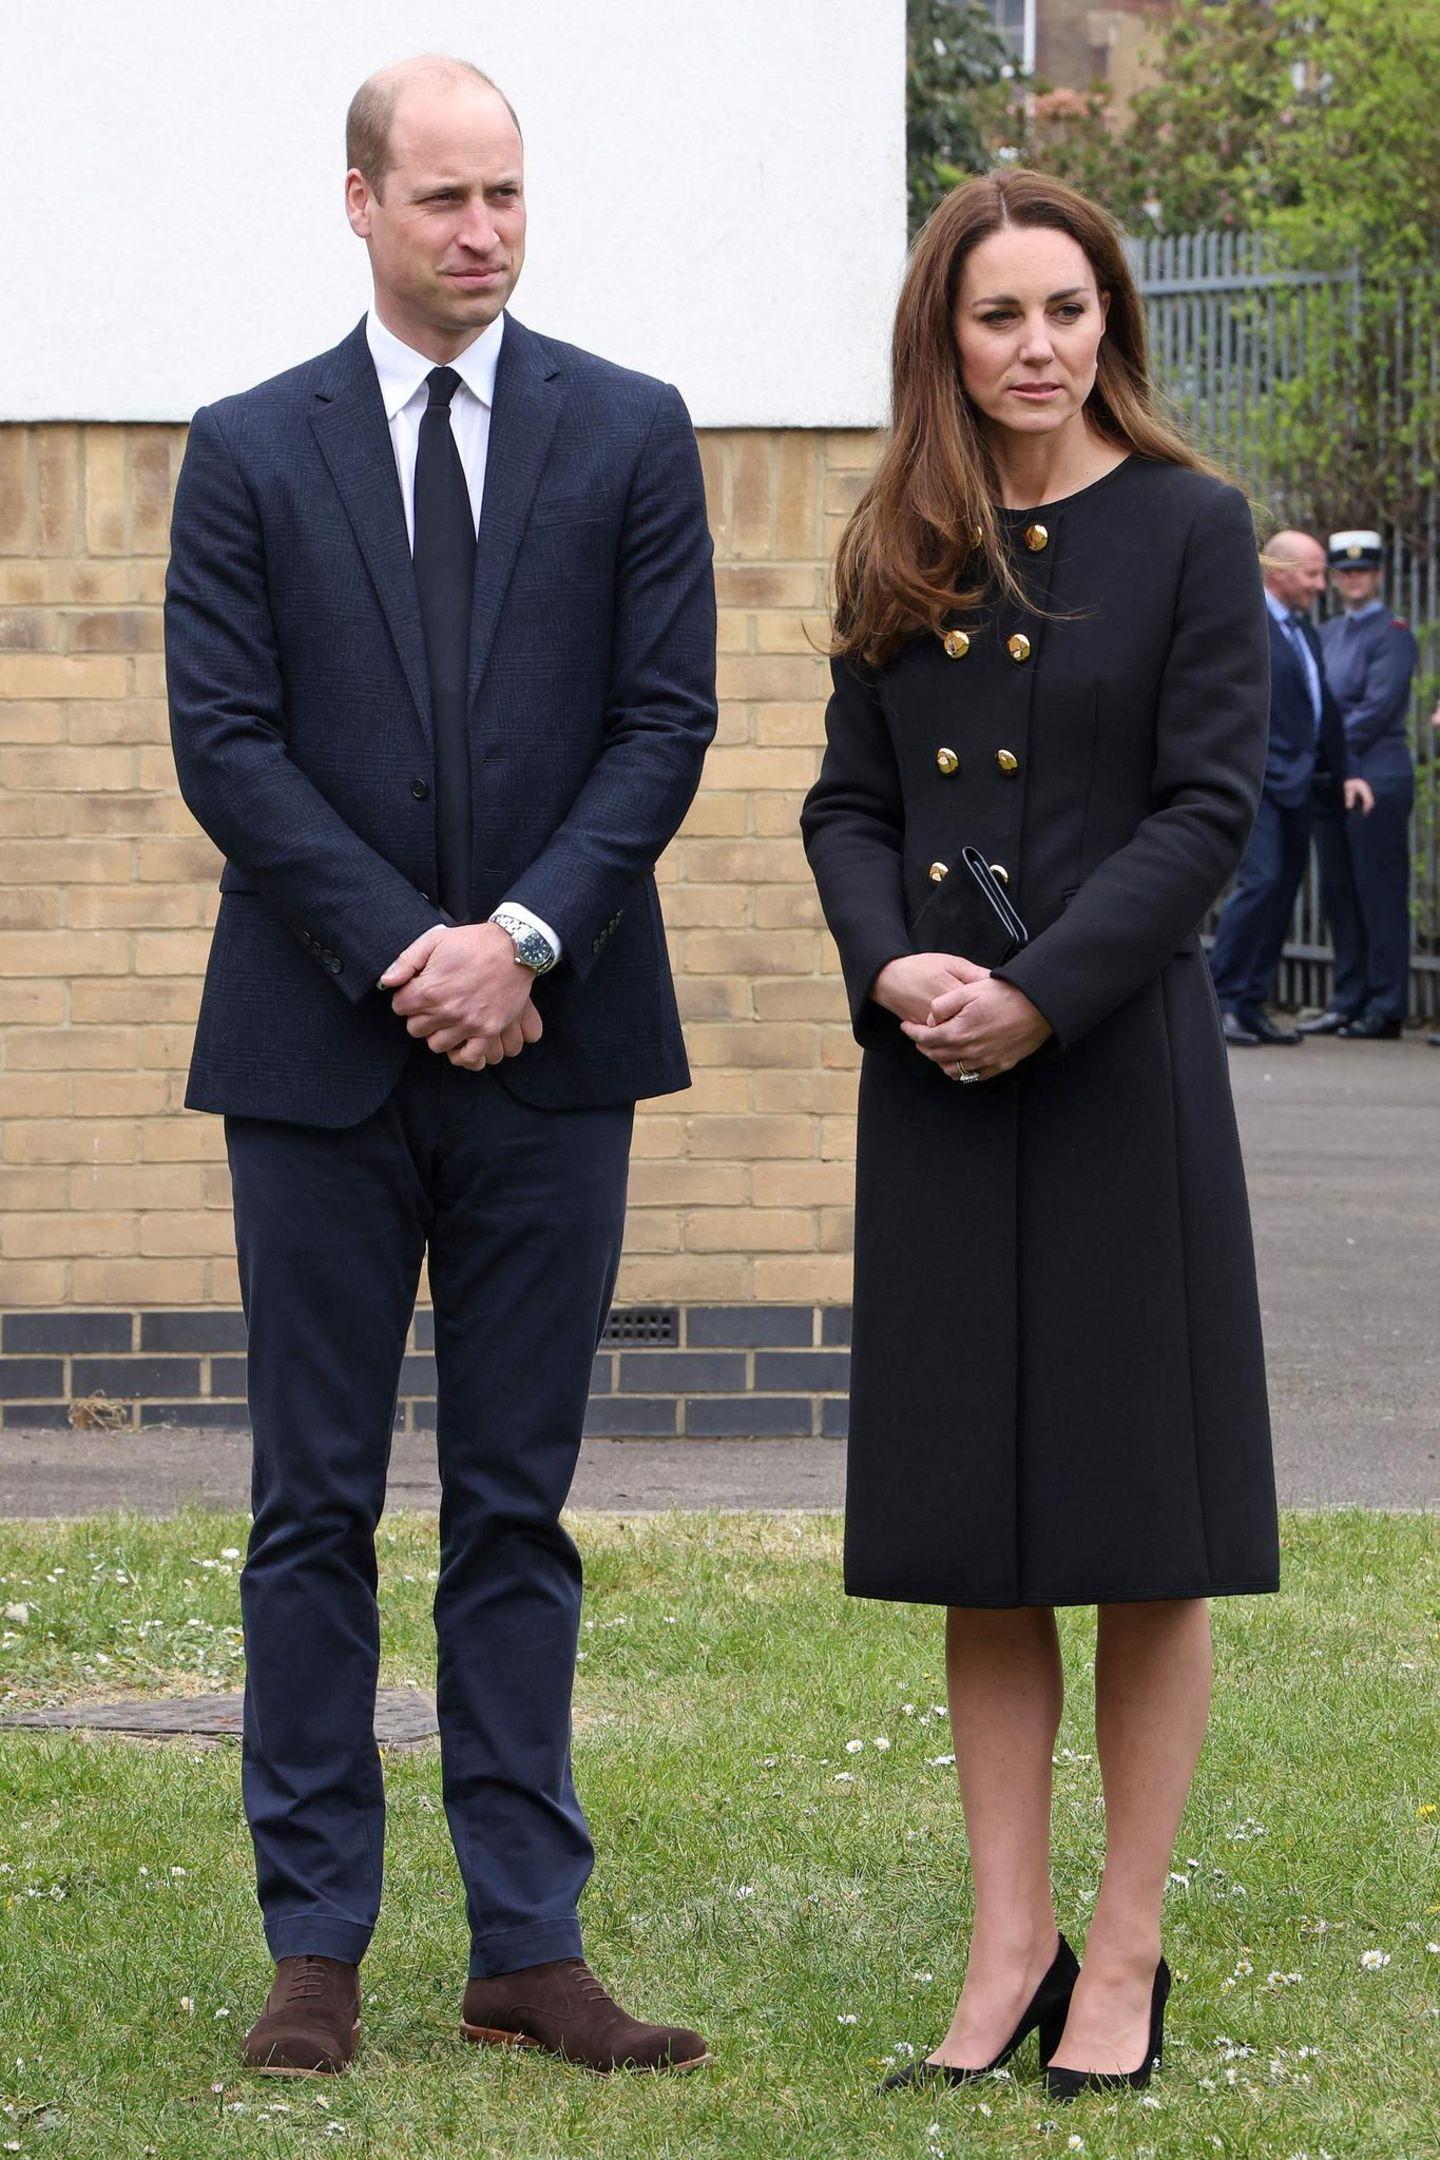 """Prinz William und Herzogin Kate besuchen die """"Air Cadets"""" in London. Zu diesem Anlass sowie als Zeichen ihrer anhaltenden Trauer um den kürzlich verstorbenen Prinz Philip tragen die Royals dunkle Farben. Und auch in Sachen Schmuck hält es die Herzogin an diesem Tag schlicht, wenngleich ihre Ohrringe eine rührende Hommage an ihre Schwieger-Großmutter, die Queen, sind, die an diesem Tag ihren95. Geburtstag feiert."""